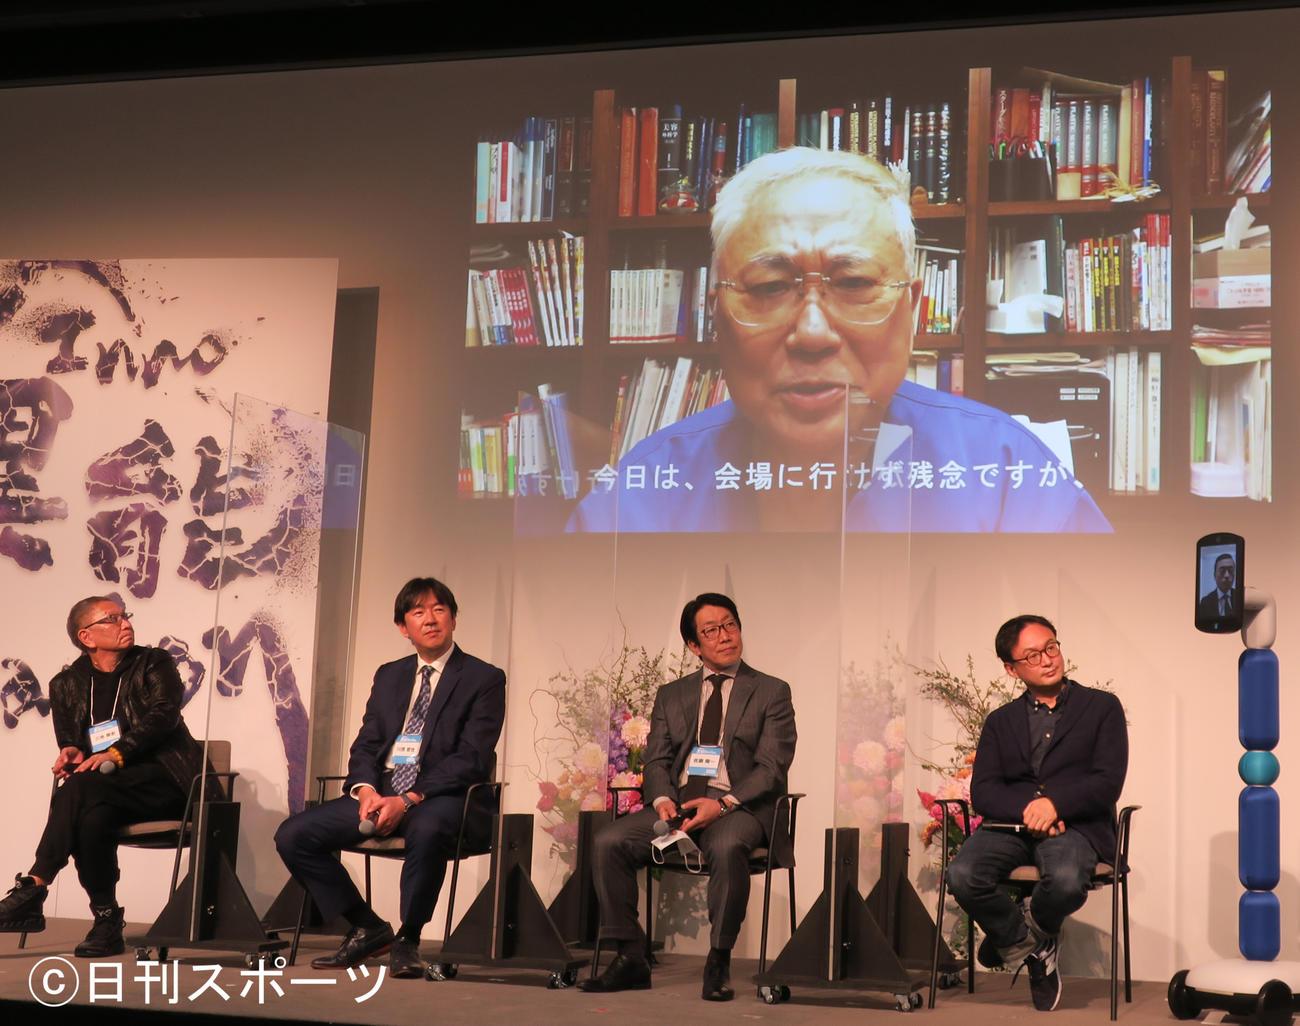 「OPEN異能vation2020」授賞式にVTRでメッセージを送る高須克弥氏